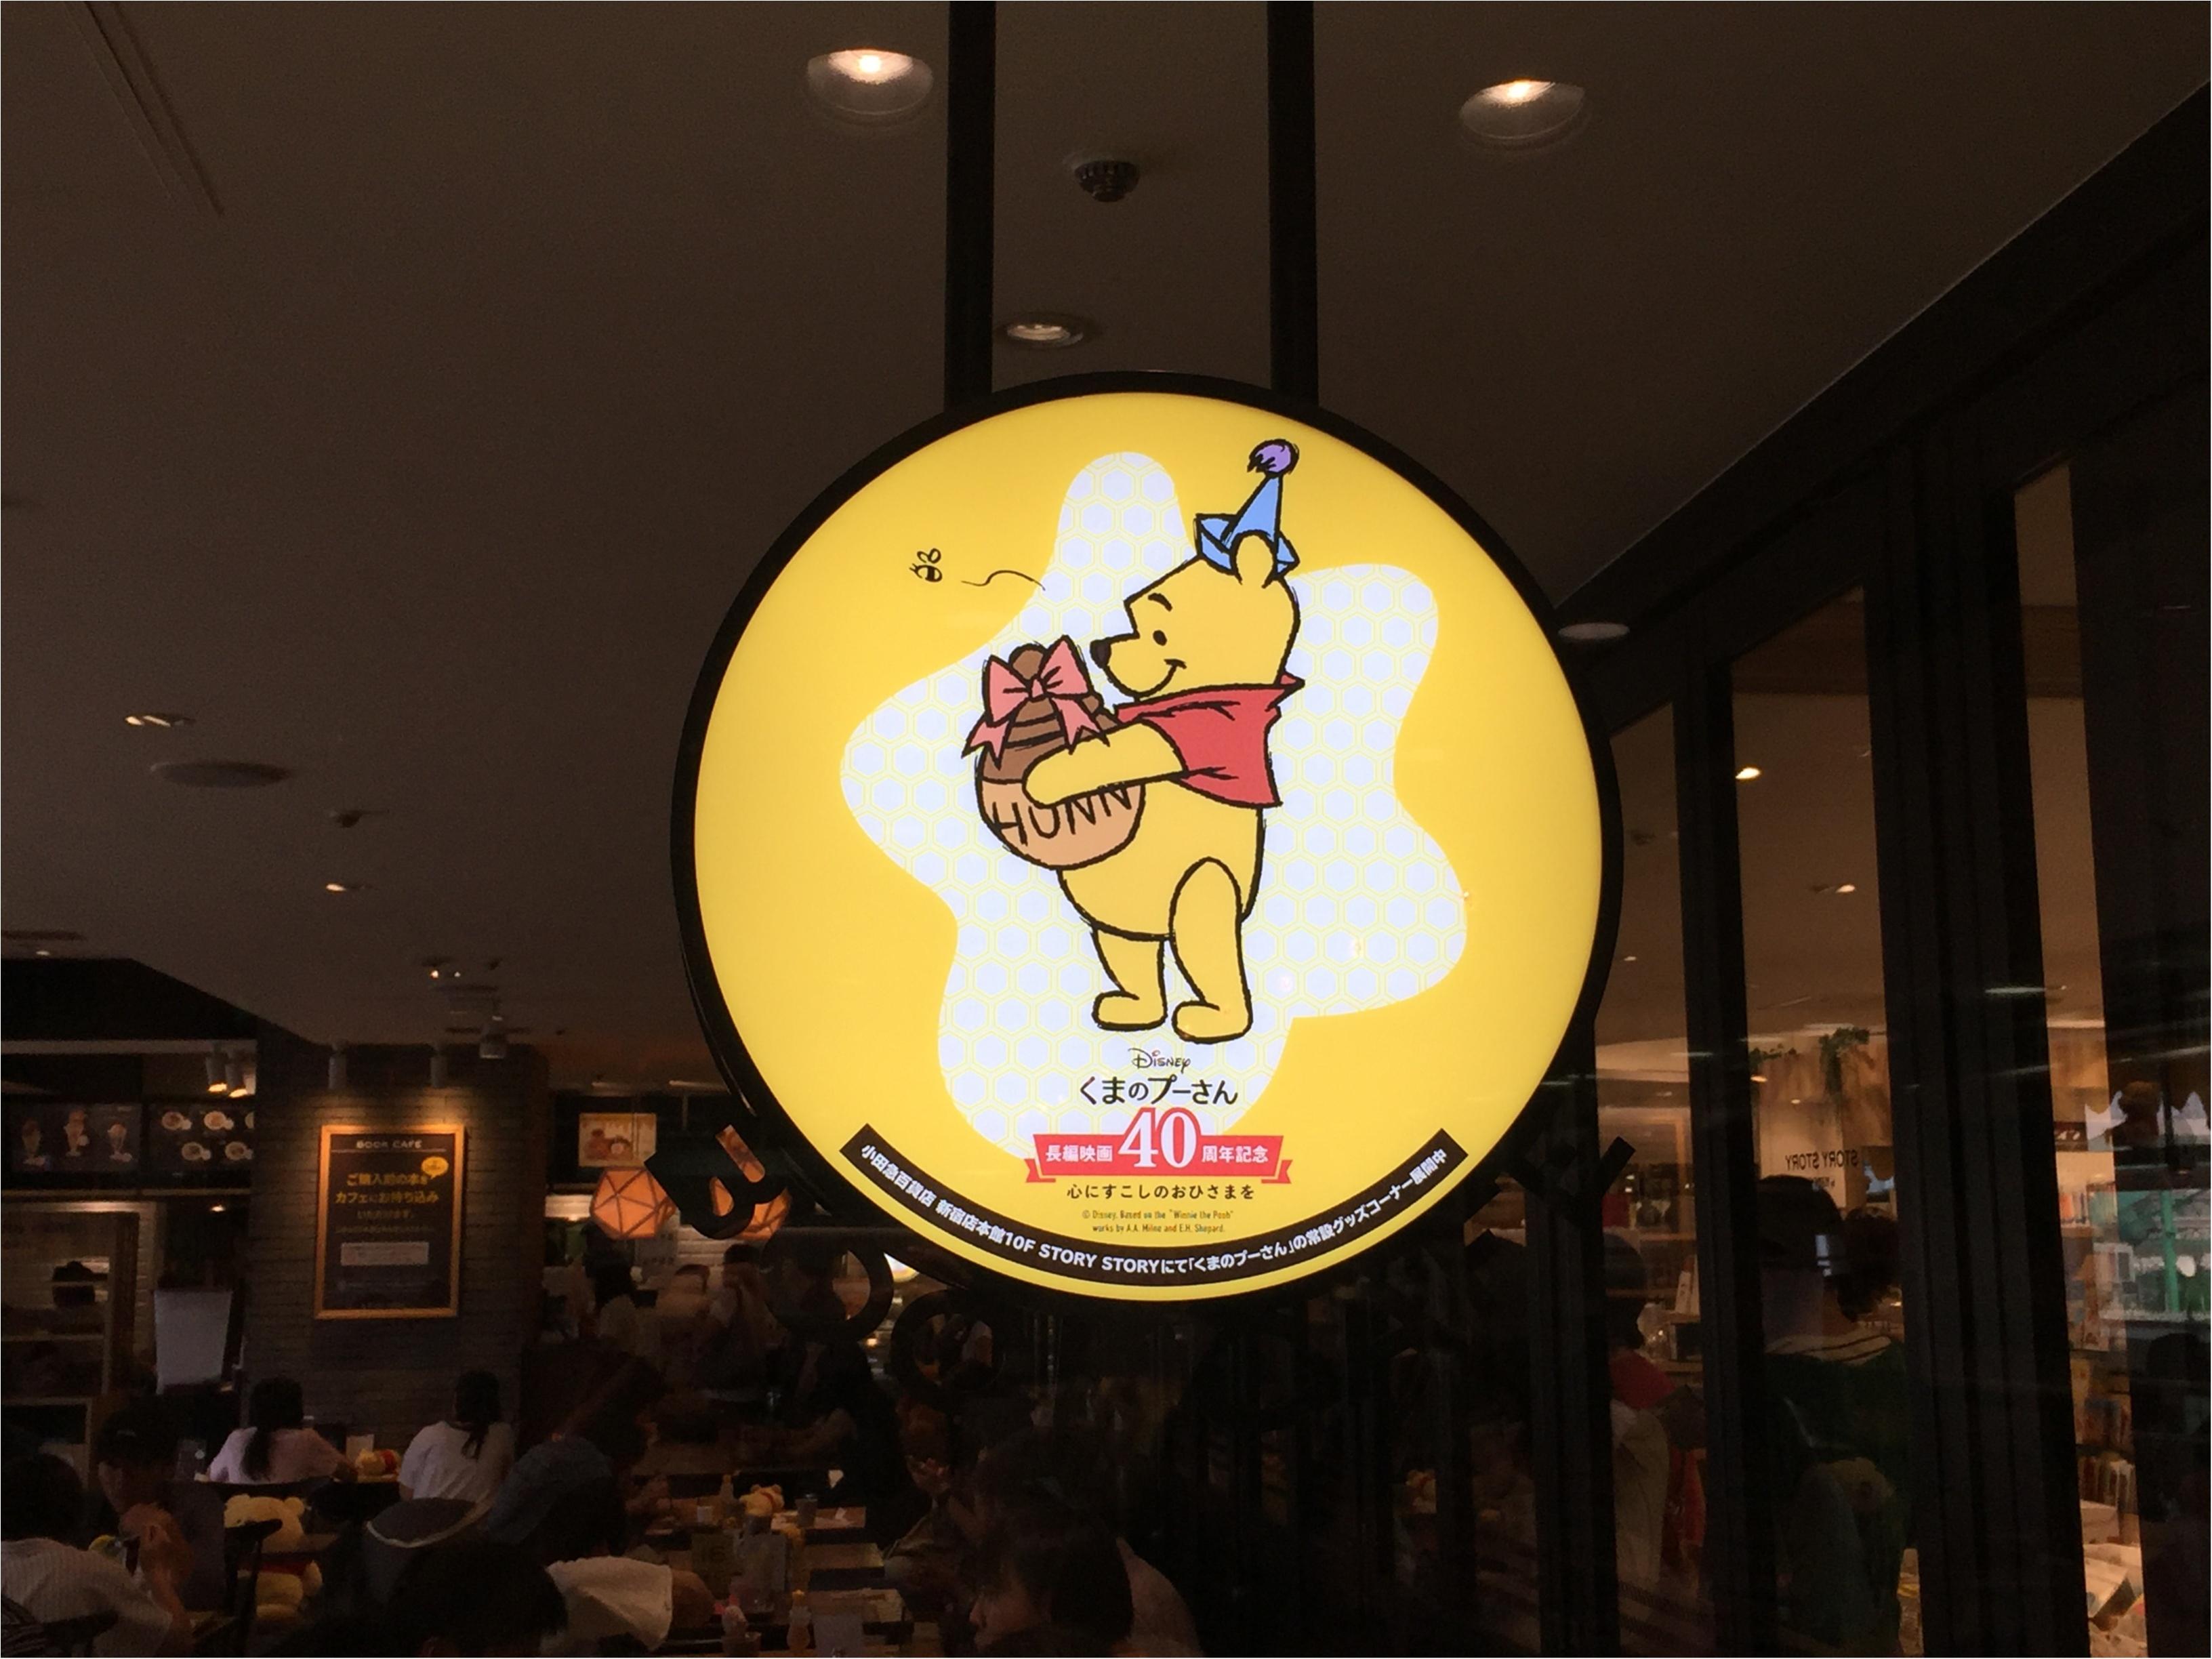 大人気!【期間限定】くまのプーさんとコラボした『はちみつカフェ』に行ってきましたレポ!!_2